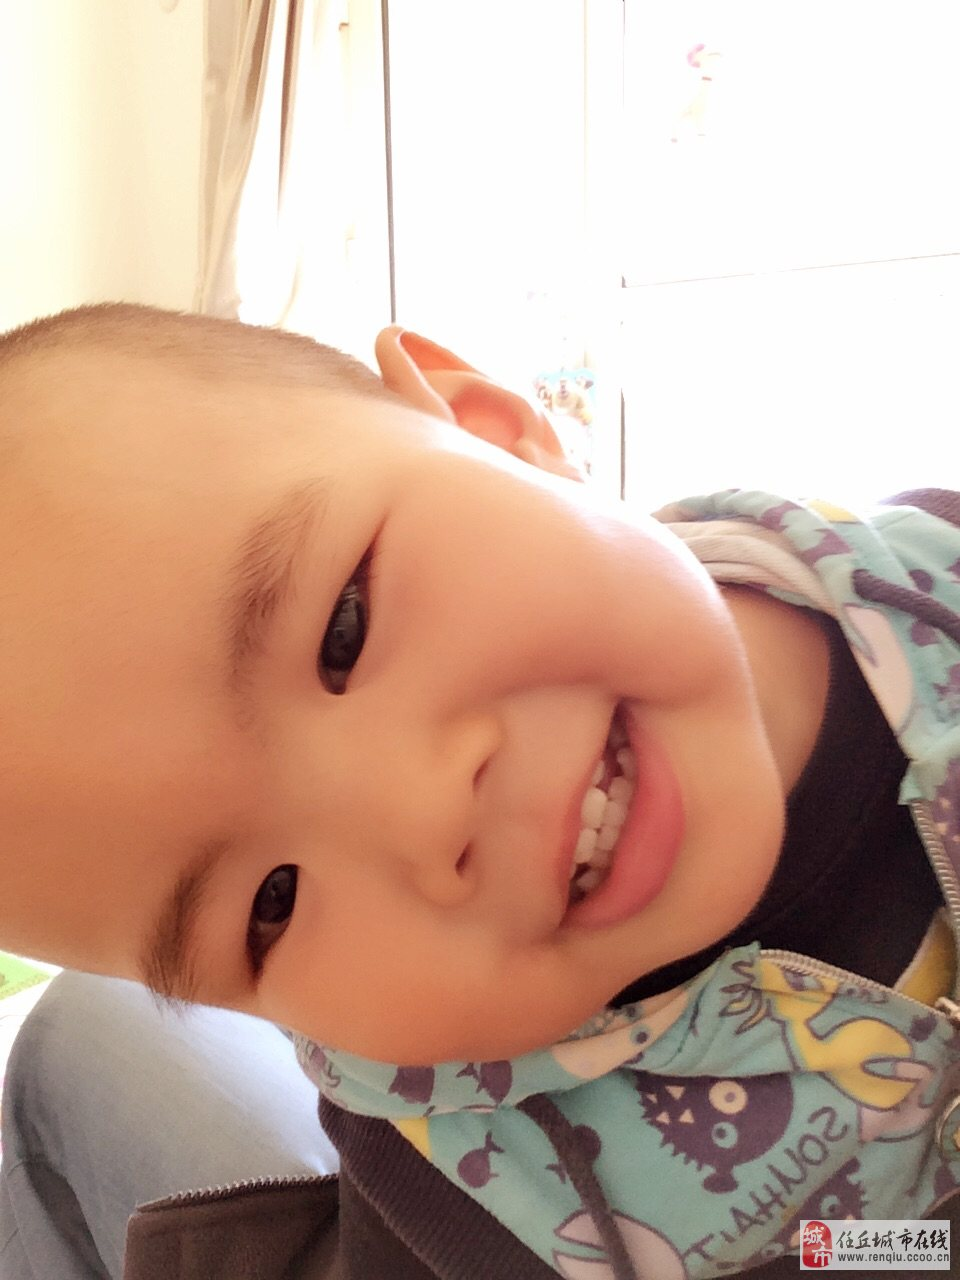 宝宝 壁纸 孩子 小孩 婴儿 960_1280 竖版 竖屏 手机